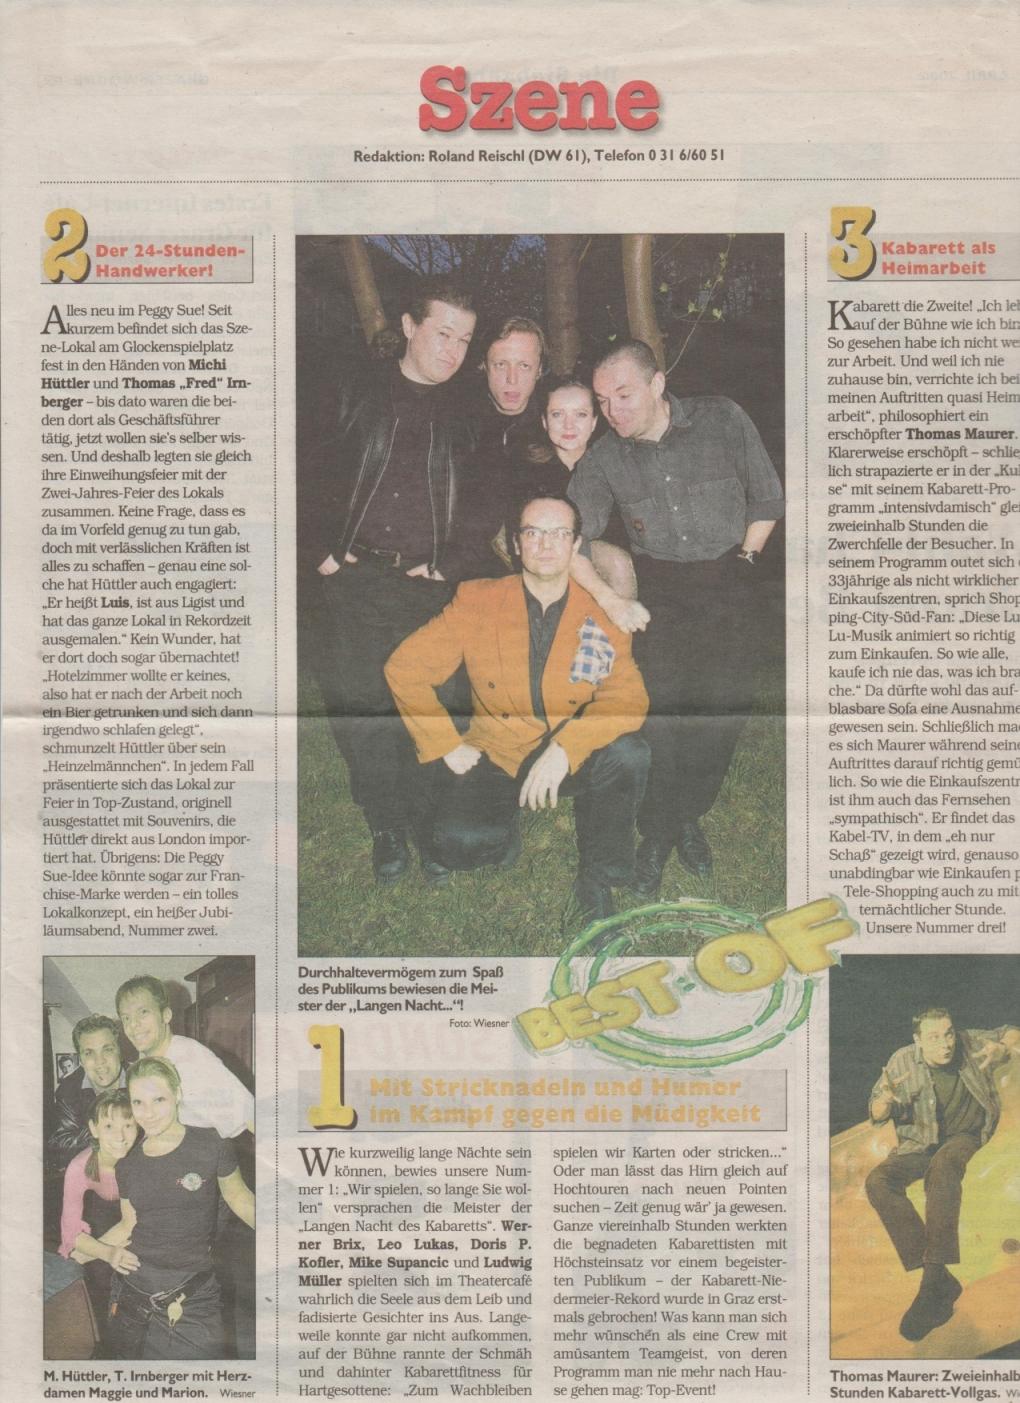 Die lange Nacht des Kabaretts 2000